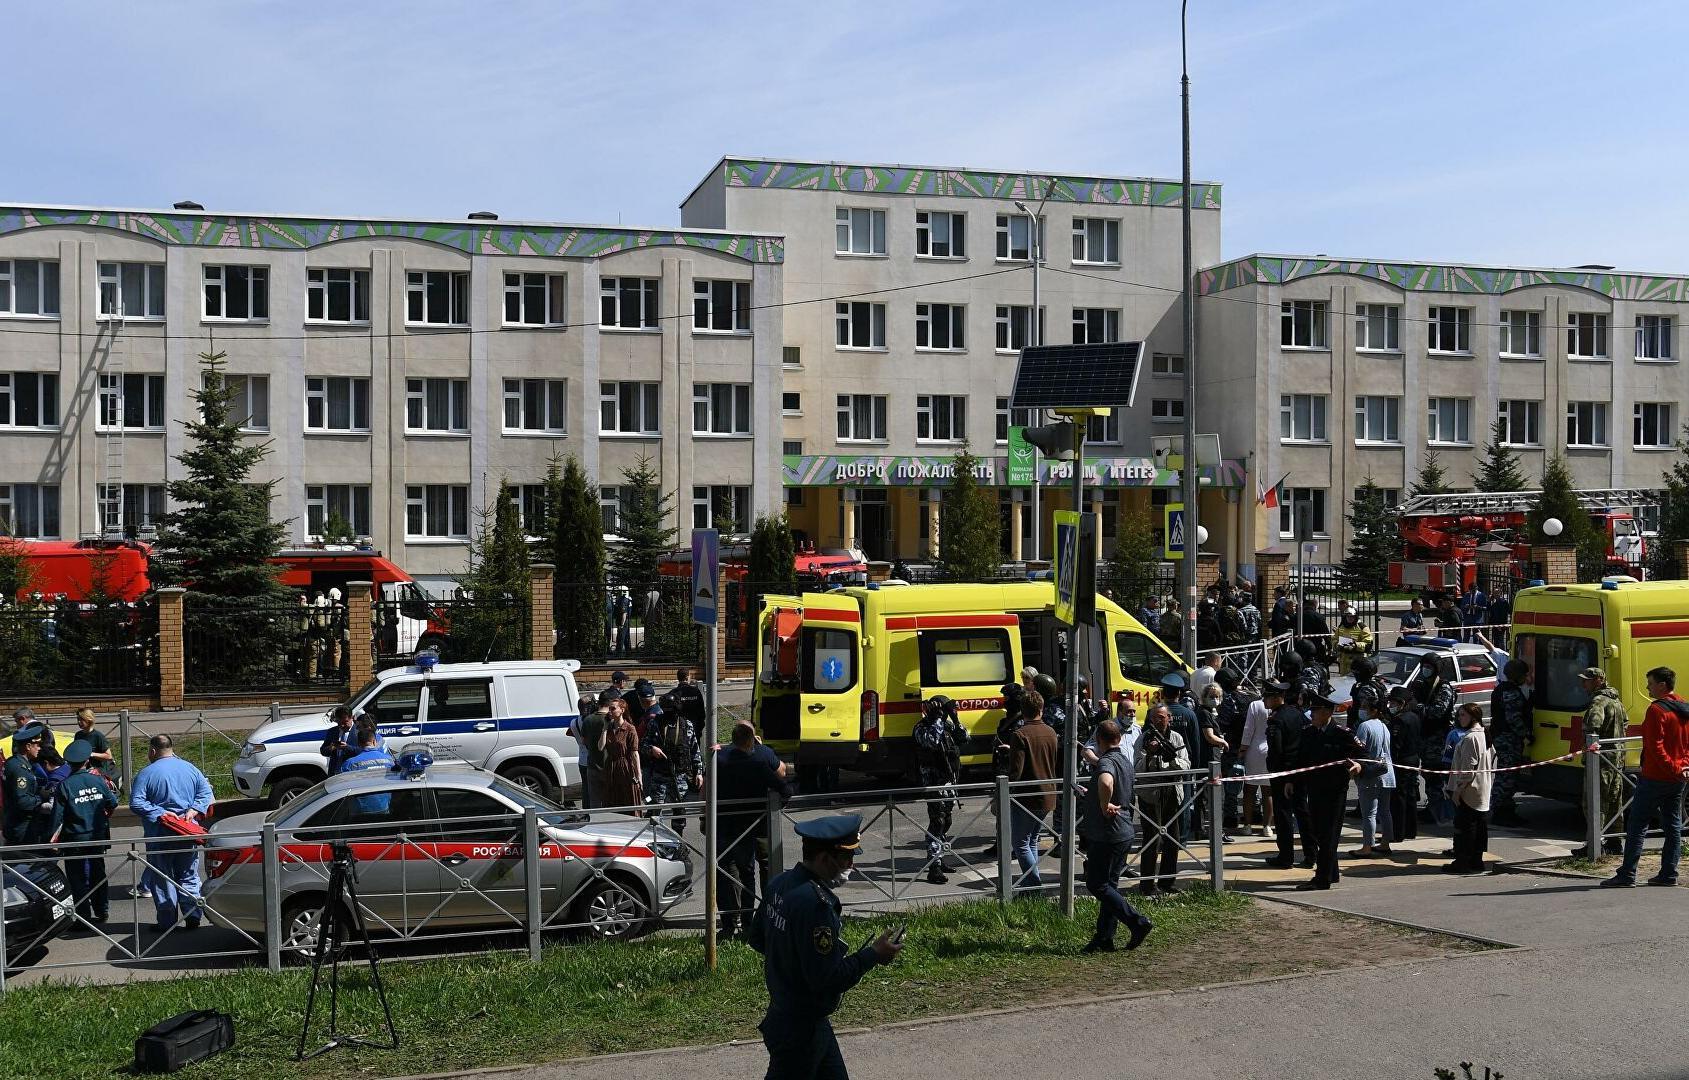 Губернатор Игорь Руденя выразил соболезнования в связи с трагедией в Казани - новости Афанасий